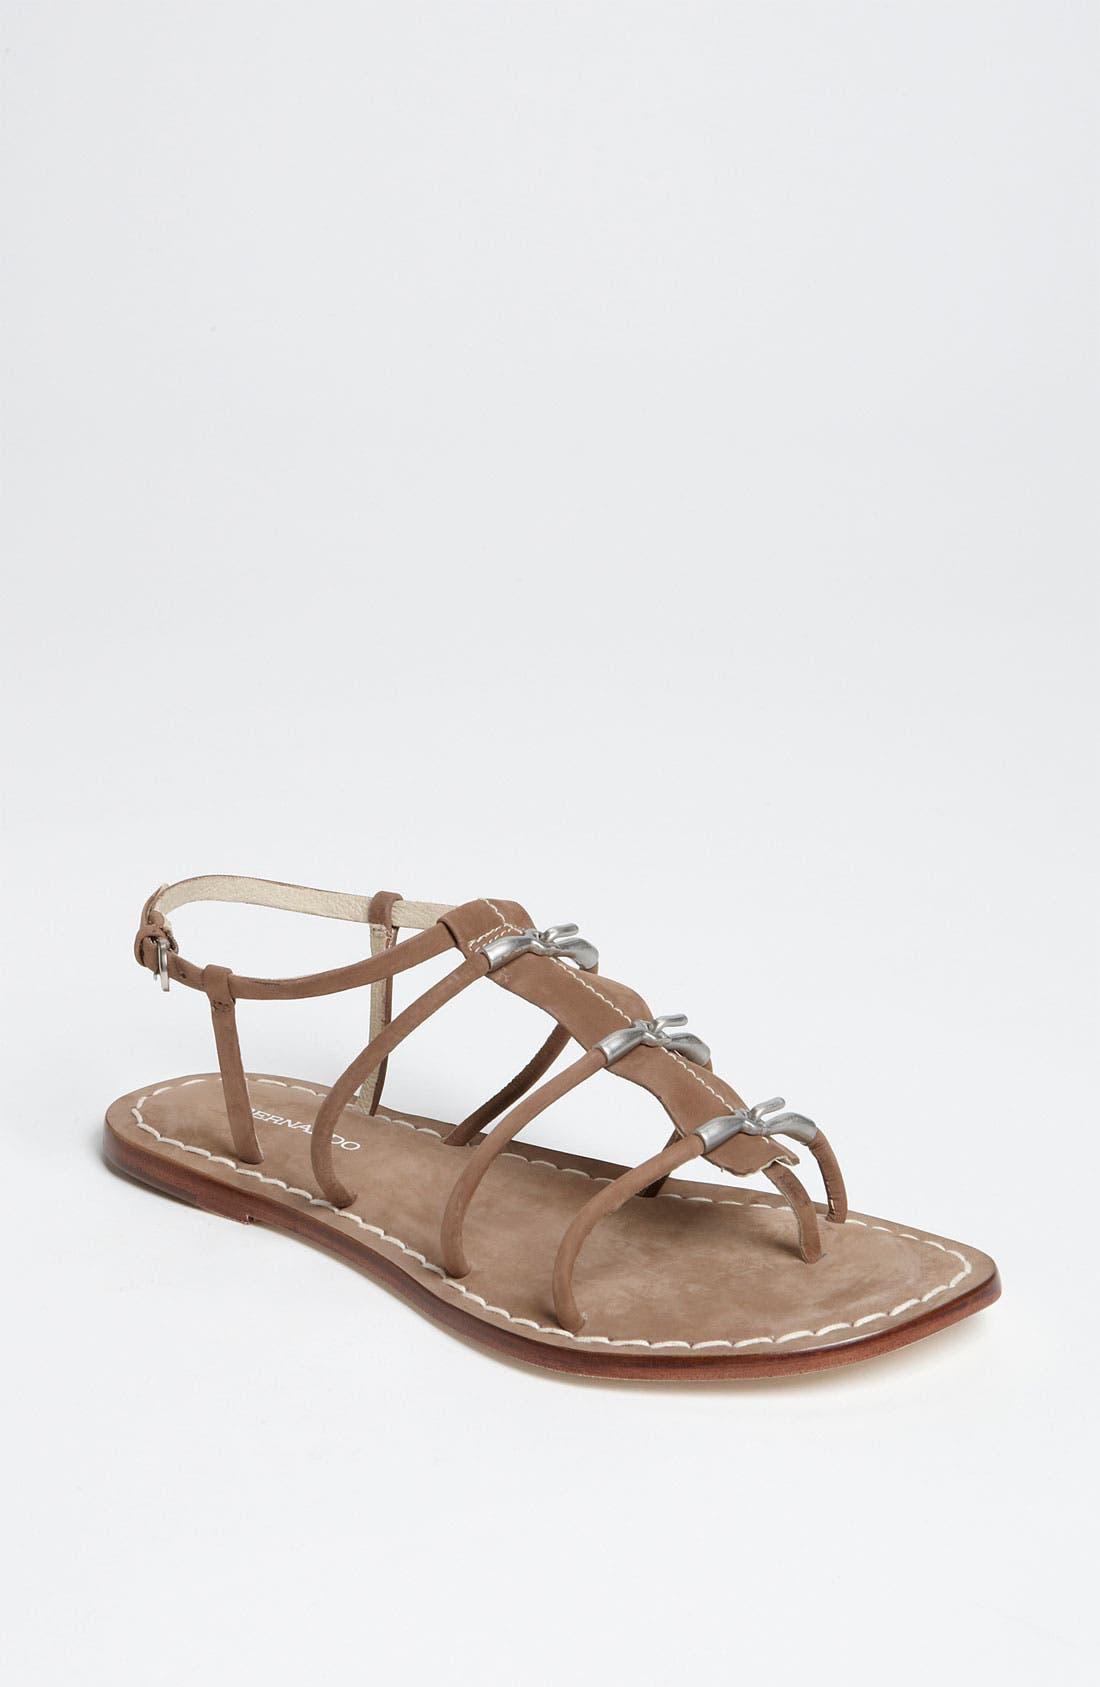 Main Image - Bernardo Footwear Maia Sandal